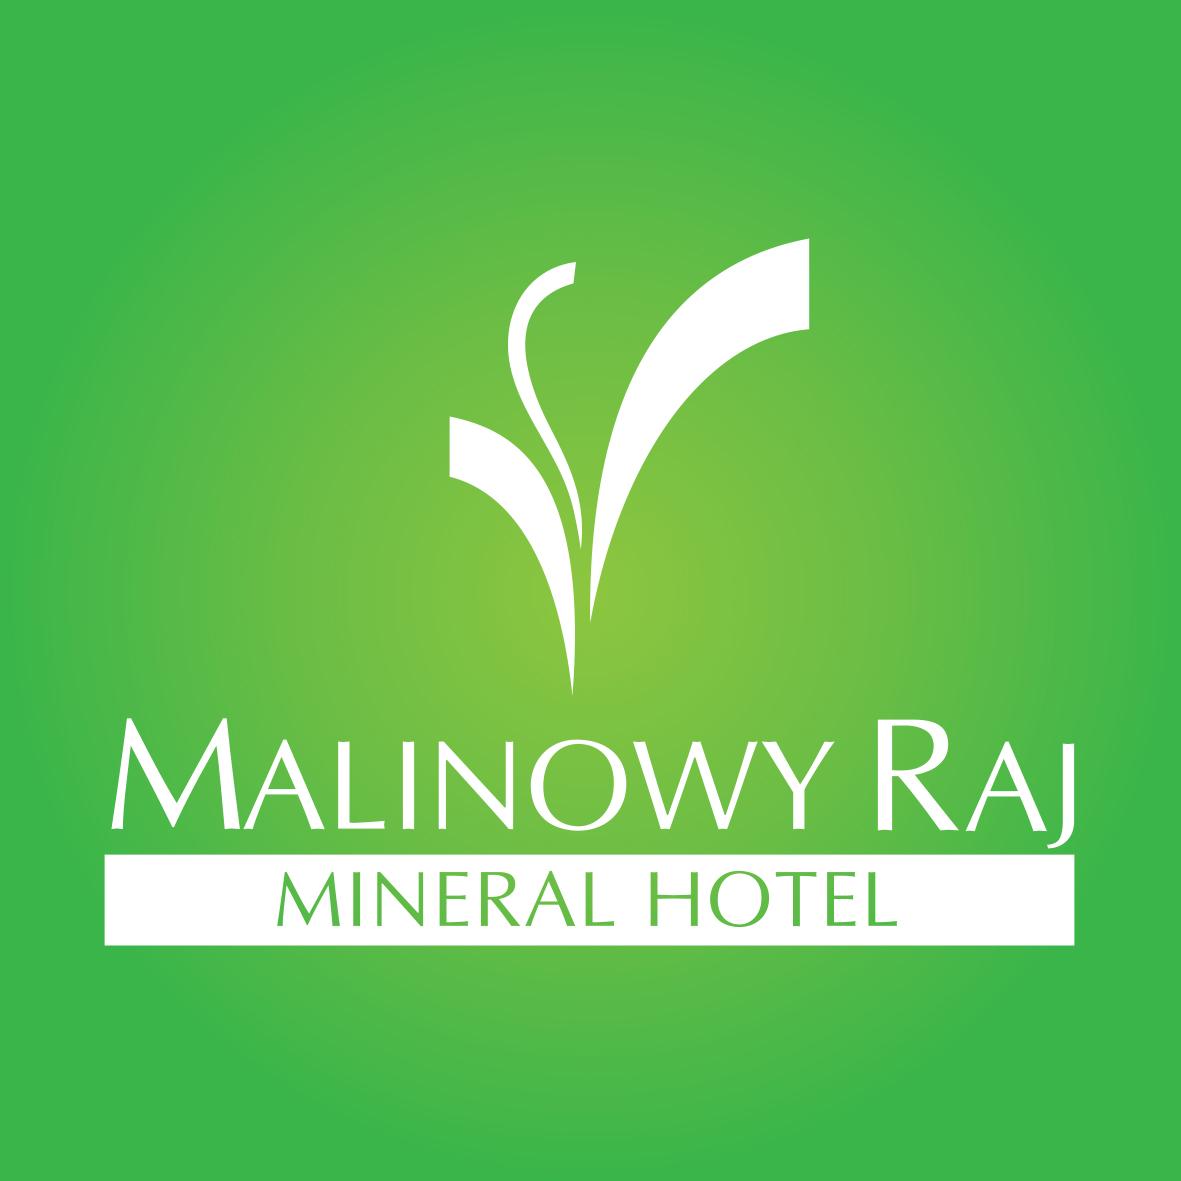 Malinowy Raj Mineral Hotel